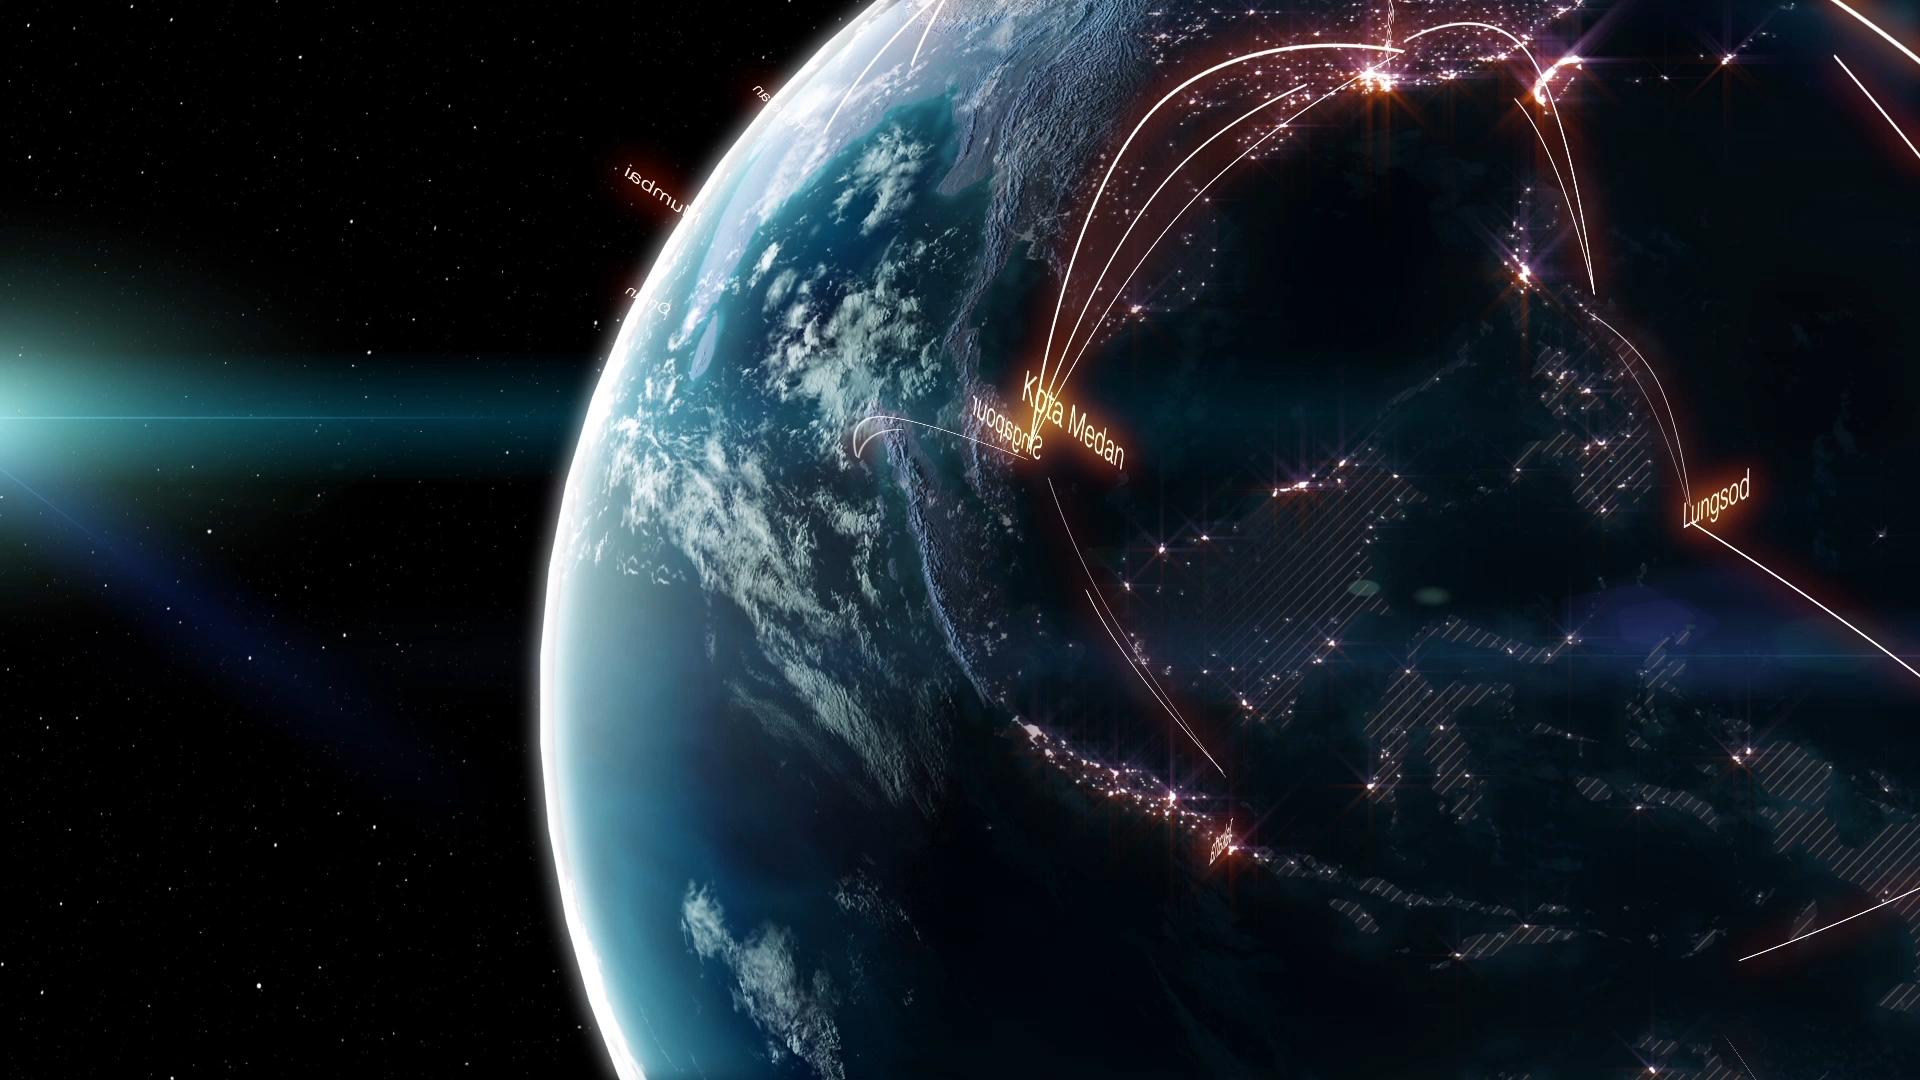 Sigfox 500 Millions D Euros Pour Connecter La Terre